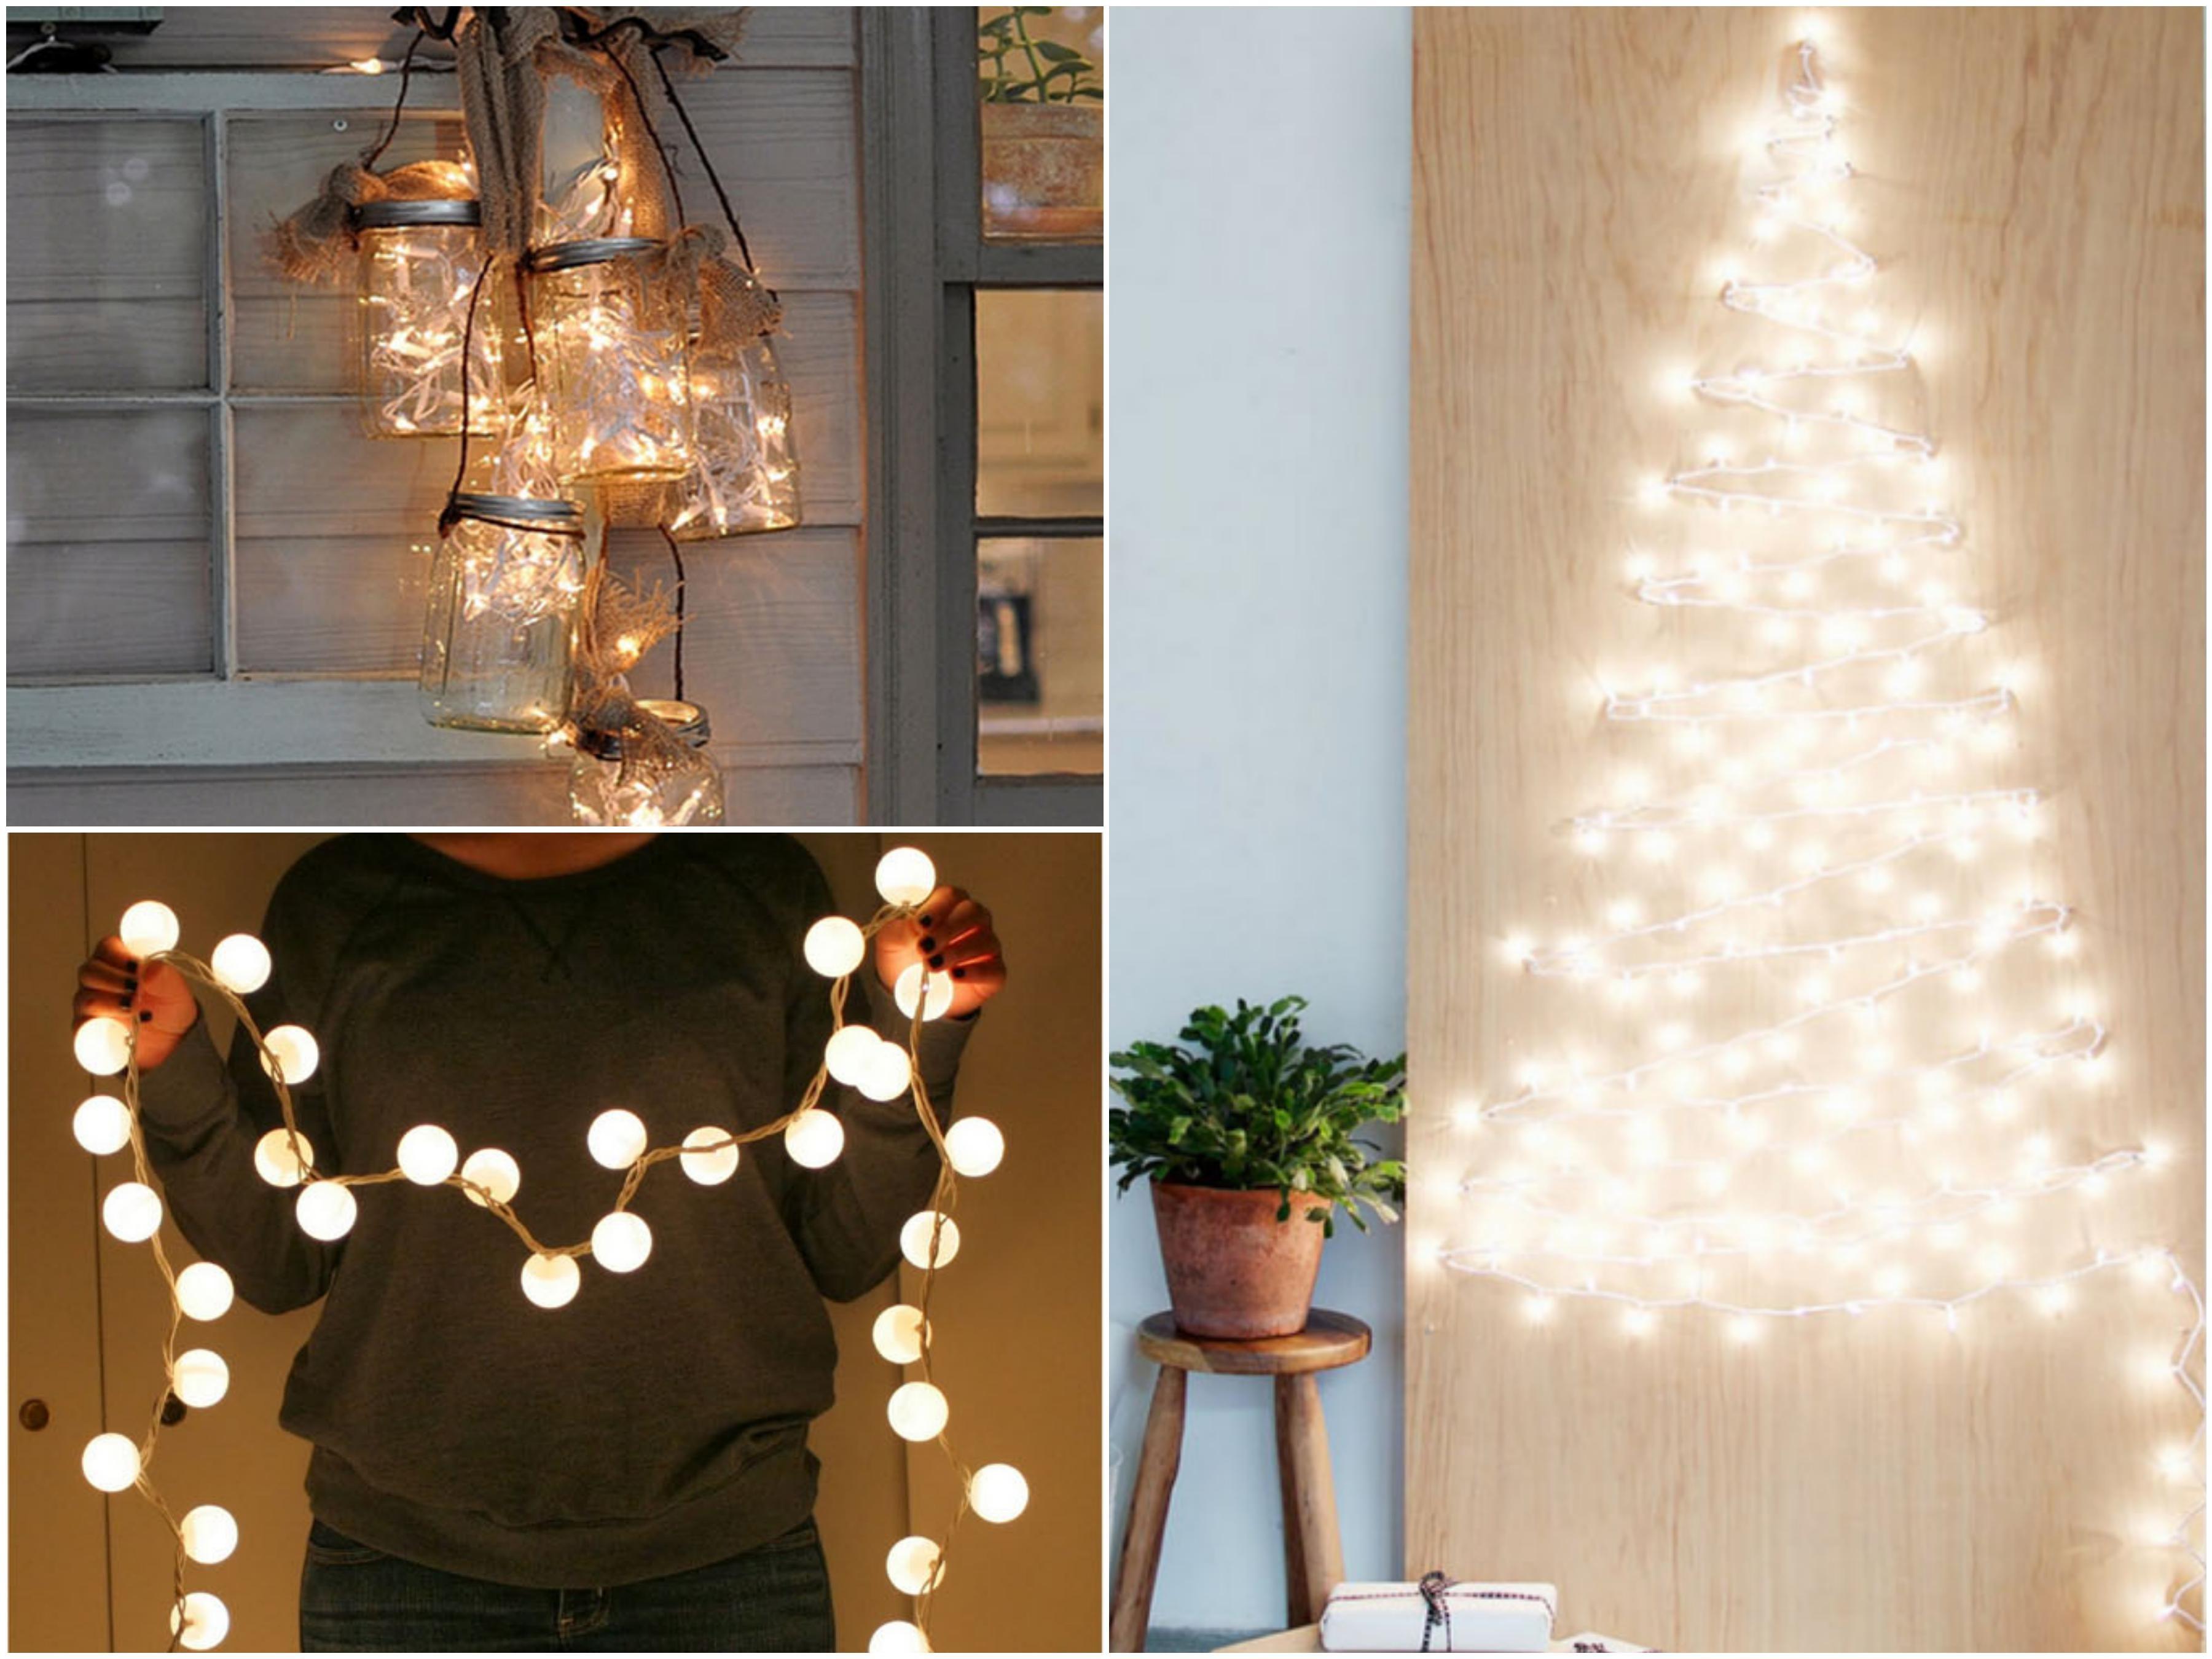 10 genialnych sposobów na wykorzystanie lampek choinkowych do zrobienia pięknych dekoracji